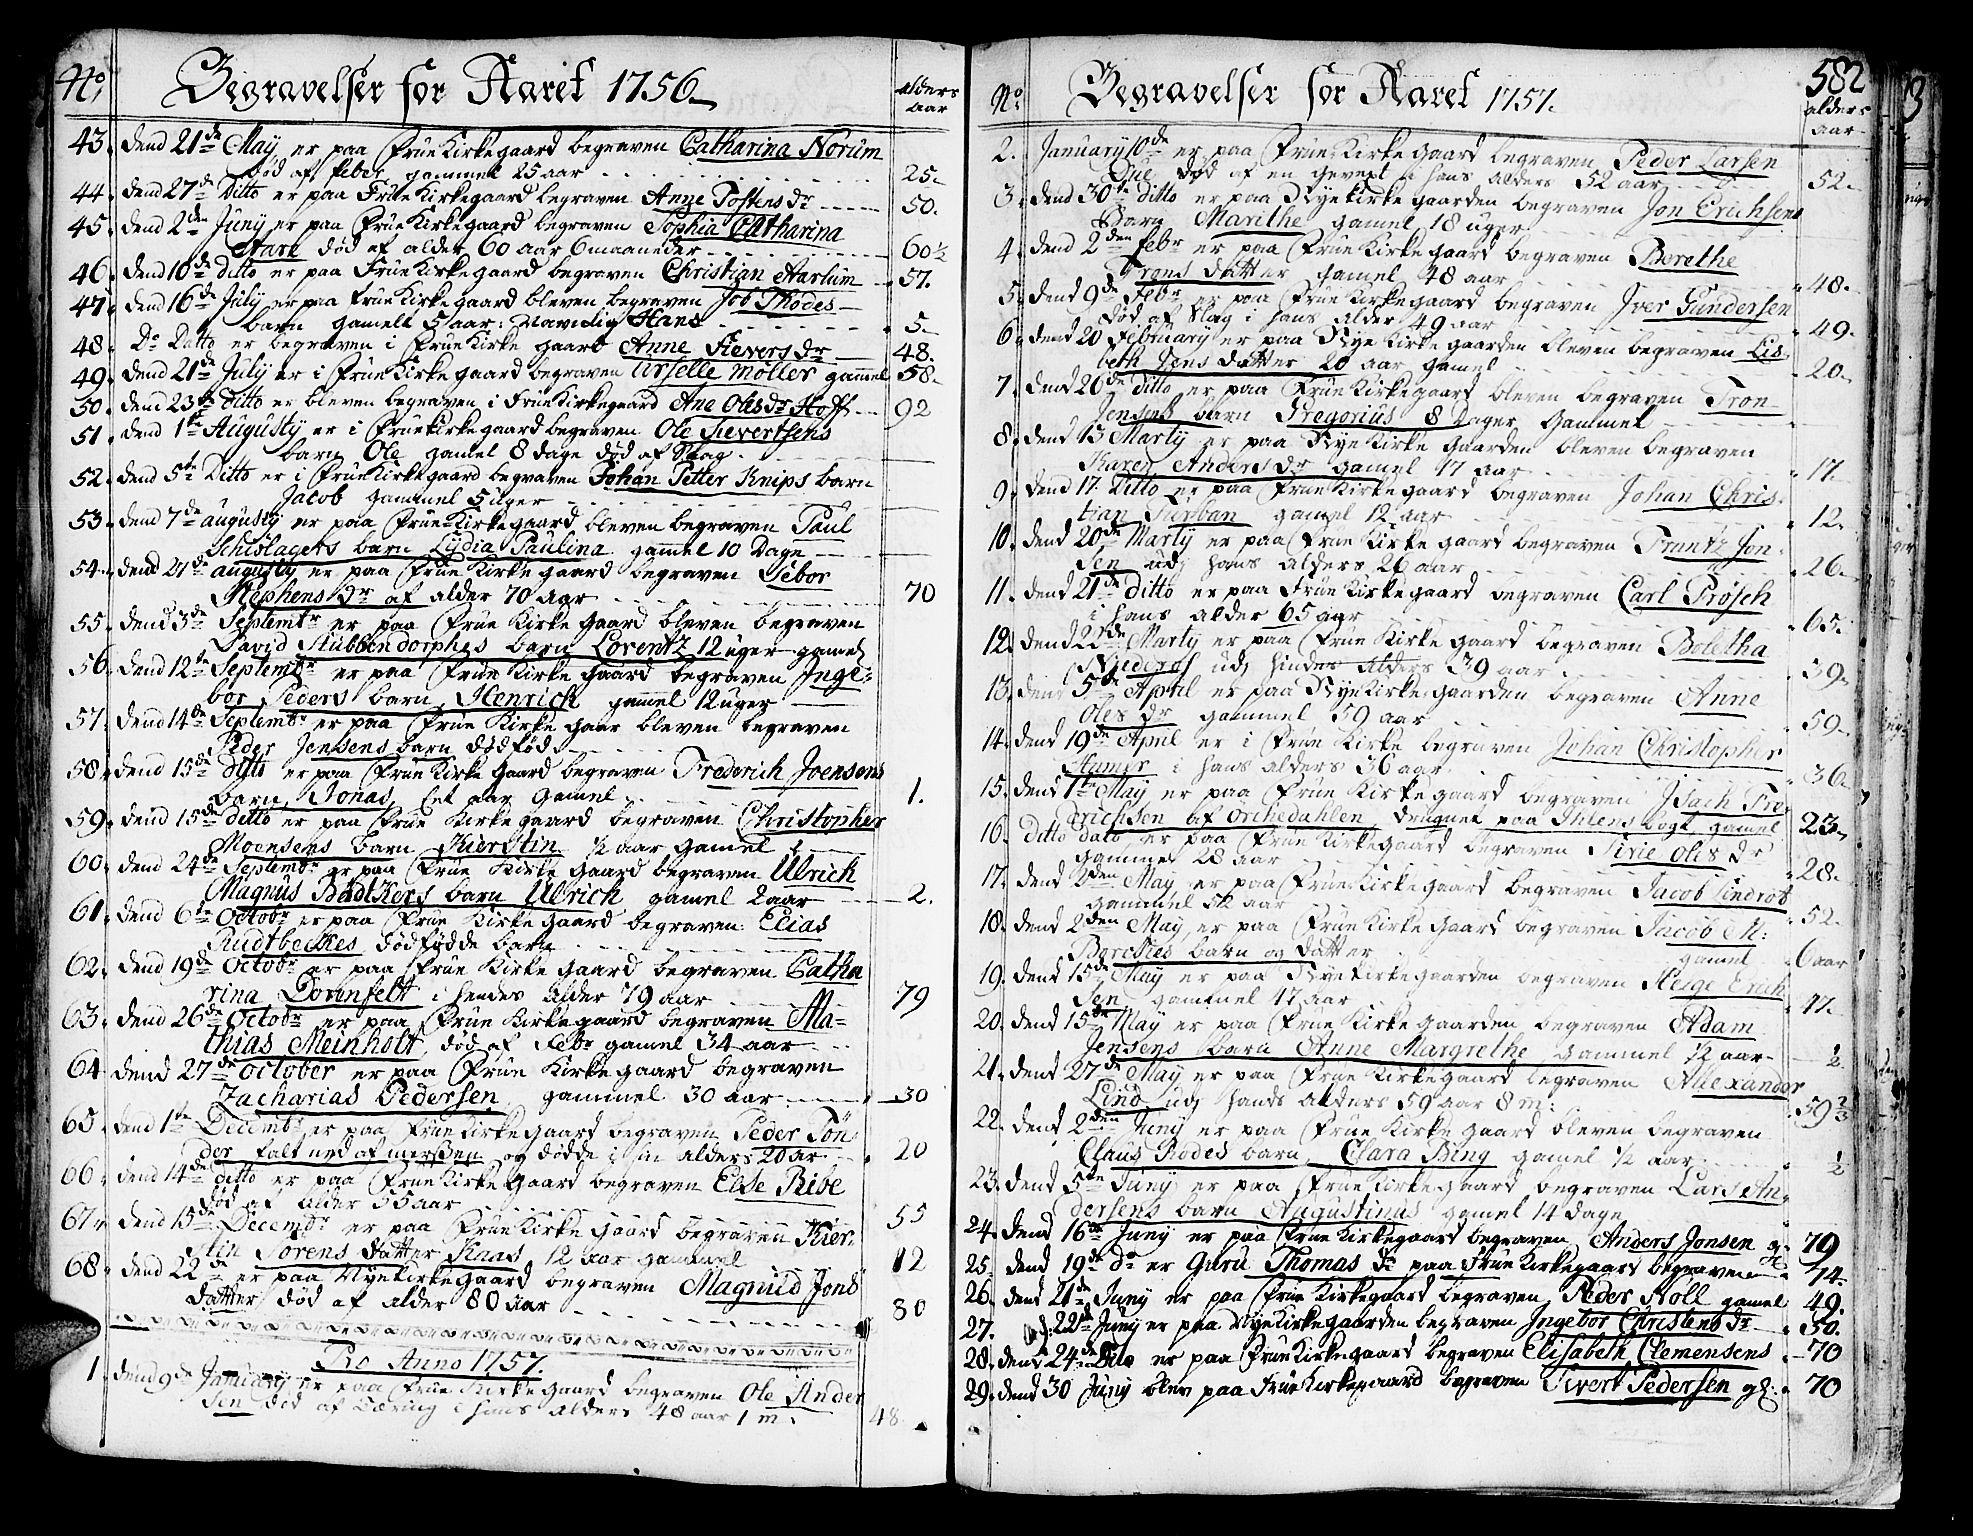 SAT, Ministerialprotokoller, klokkerbøker og fødselsregistre - Sør-Trøndelag, 602/L0103: Ministerialbok nr. 602A01, 1732-1774, s. 582